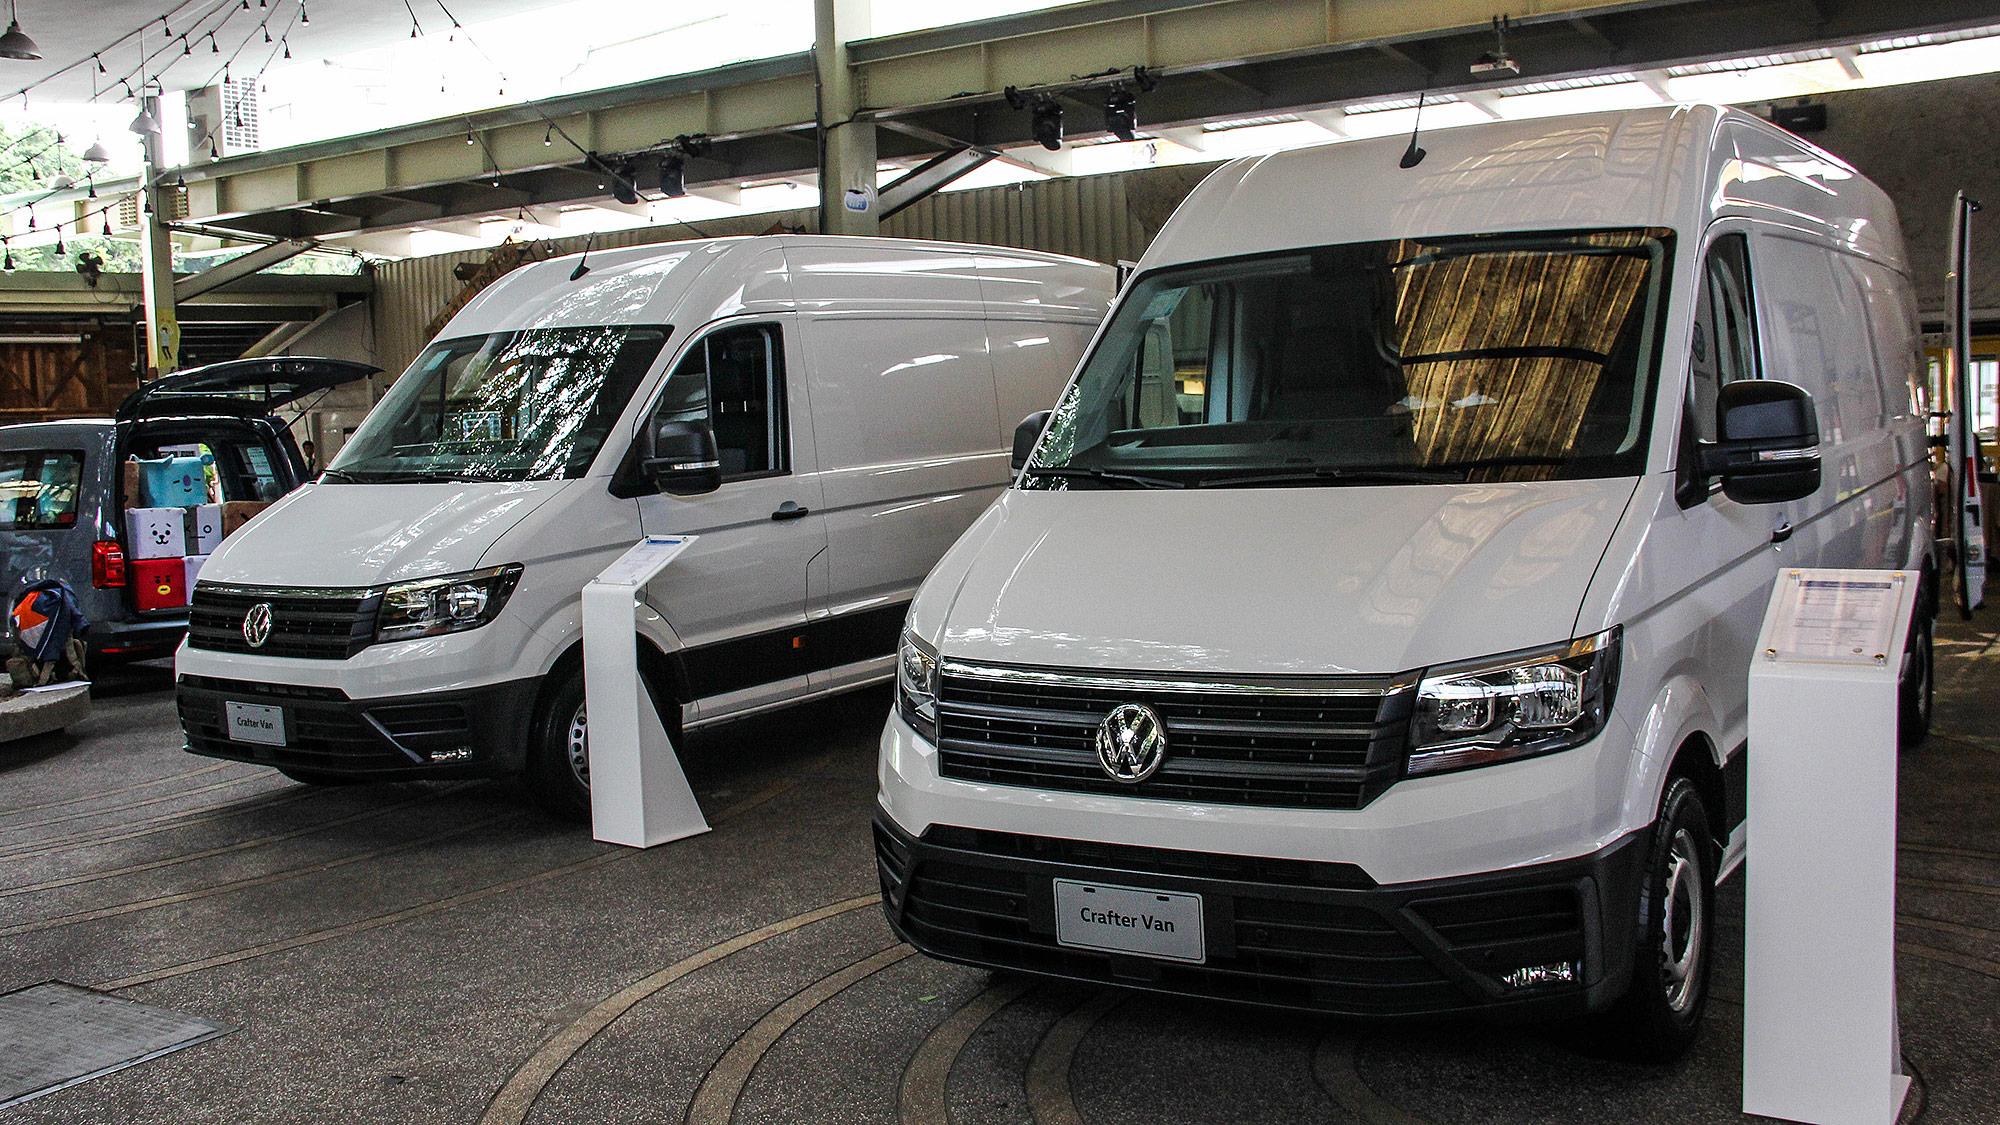 福斯商旅 Crafter Van 近距離實拍,170萬元起雙車型接受訂購